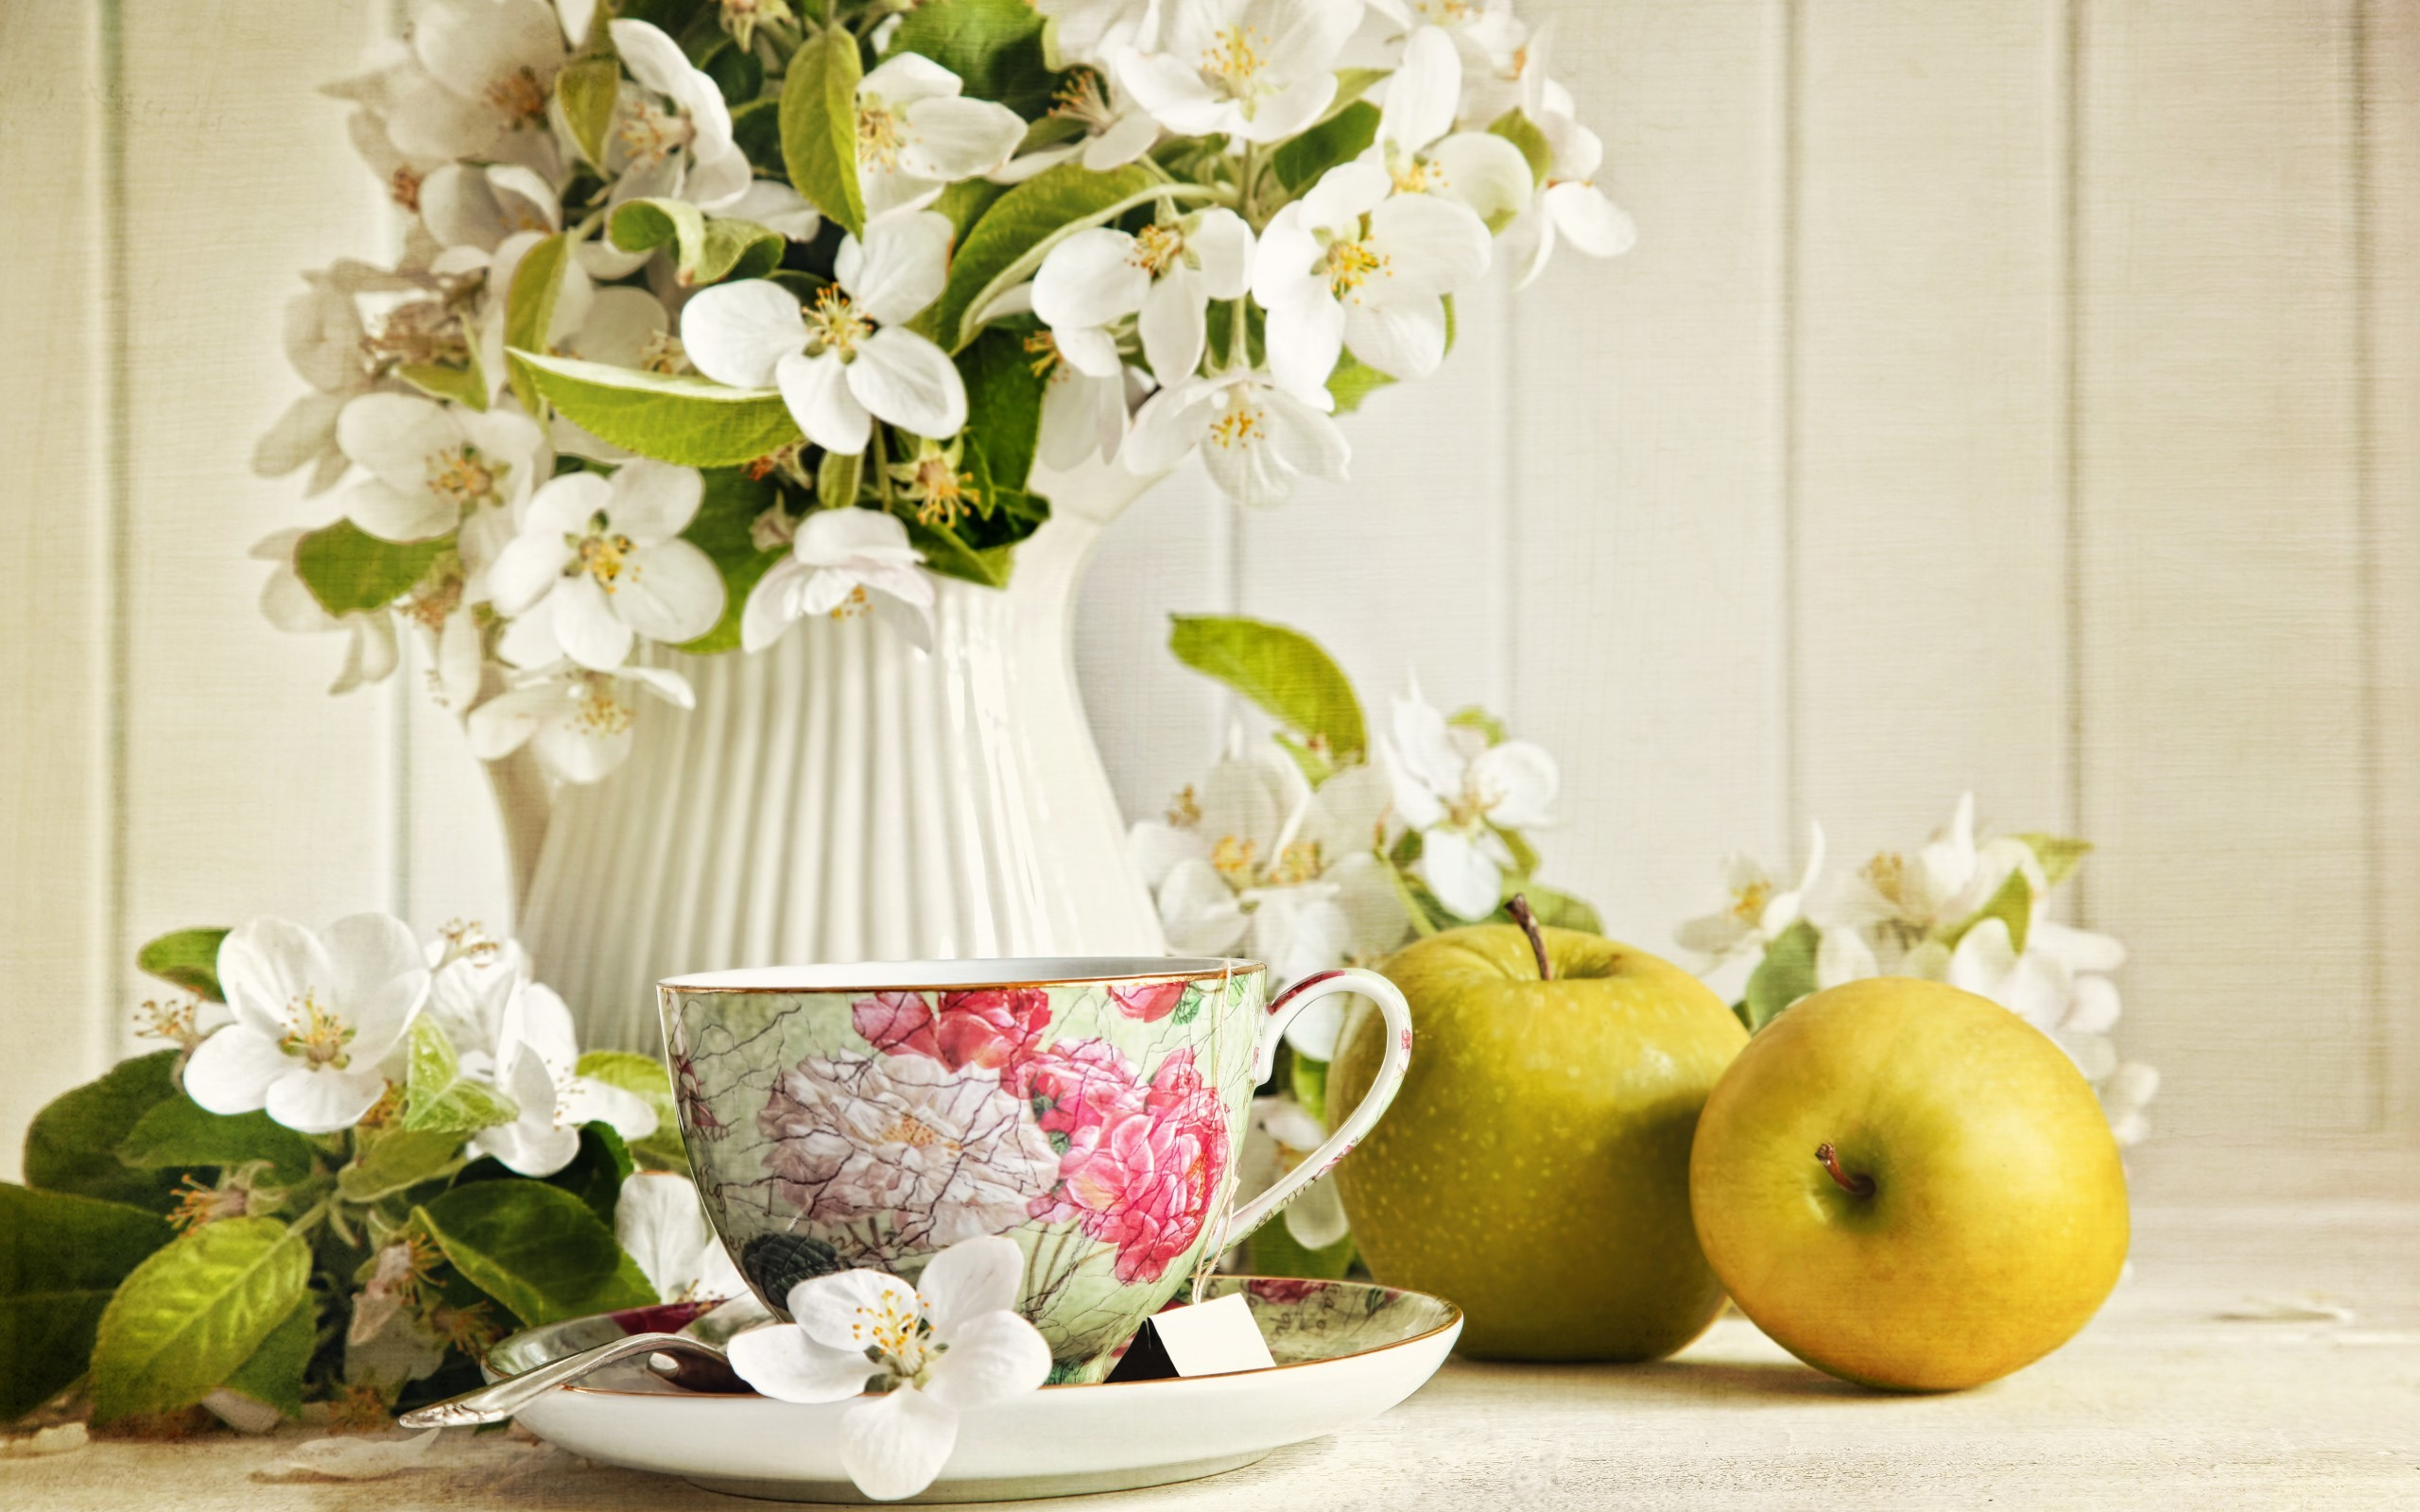 24993 скачать обои Растения, Цветы, Яблоки, Чашки, Букеты, Натюрморт - заставки и картинки бесплатно